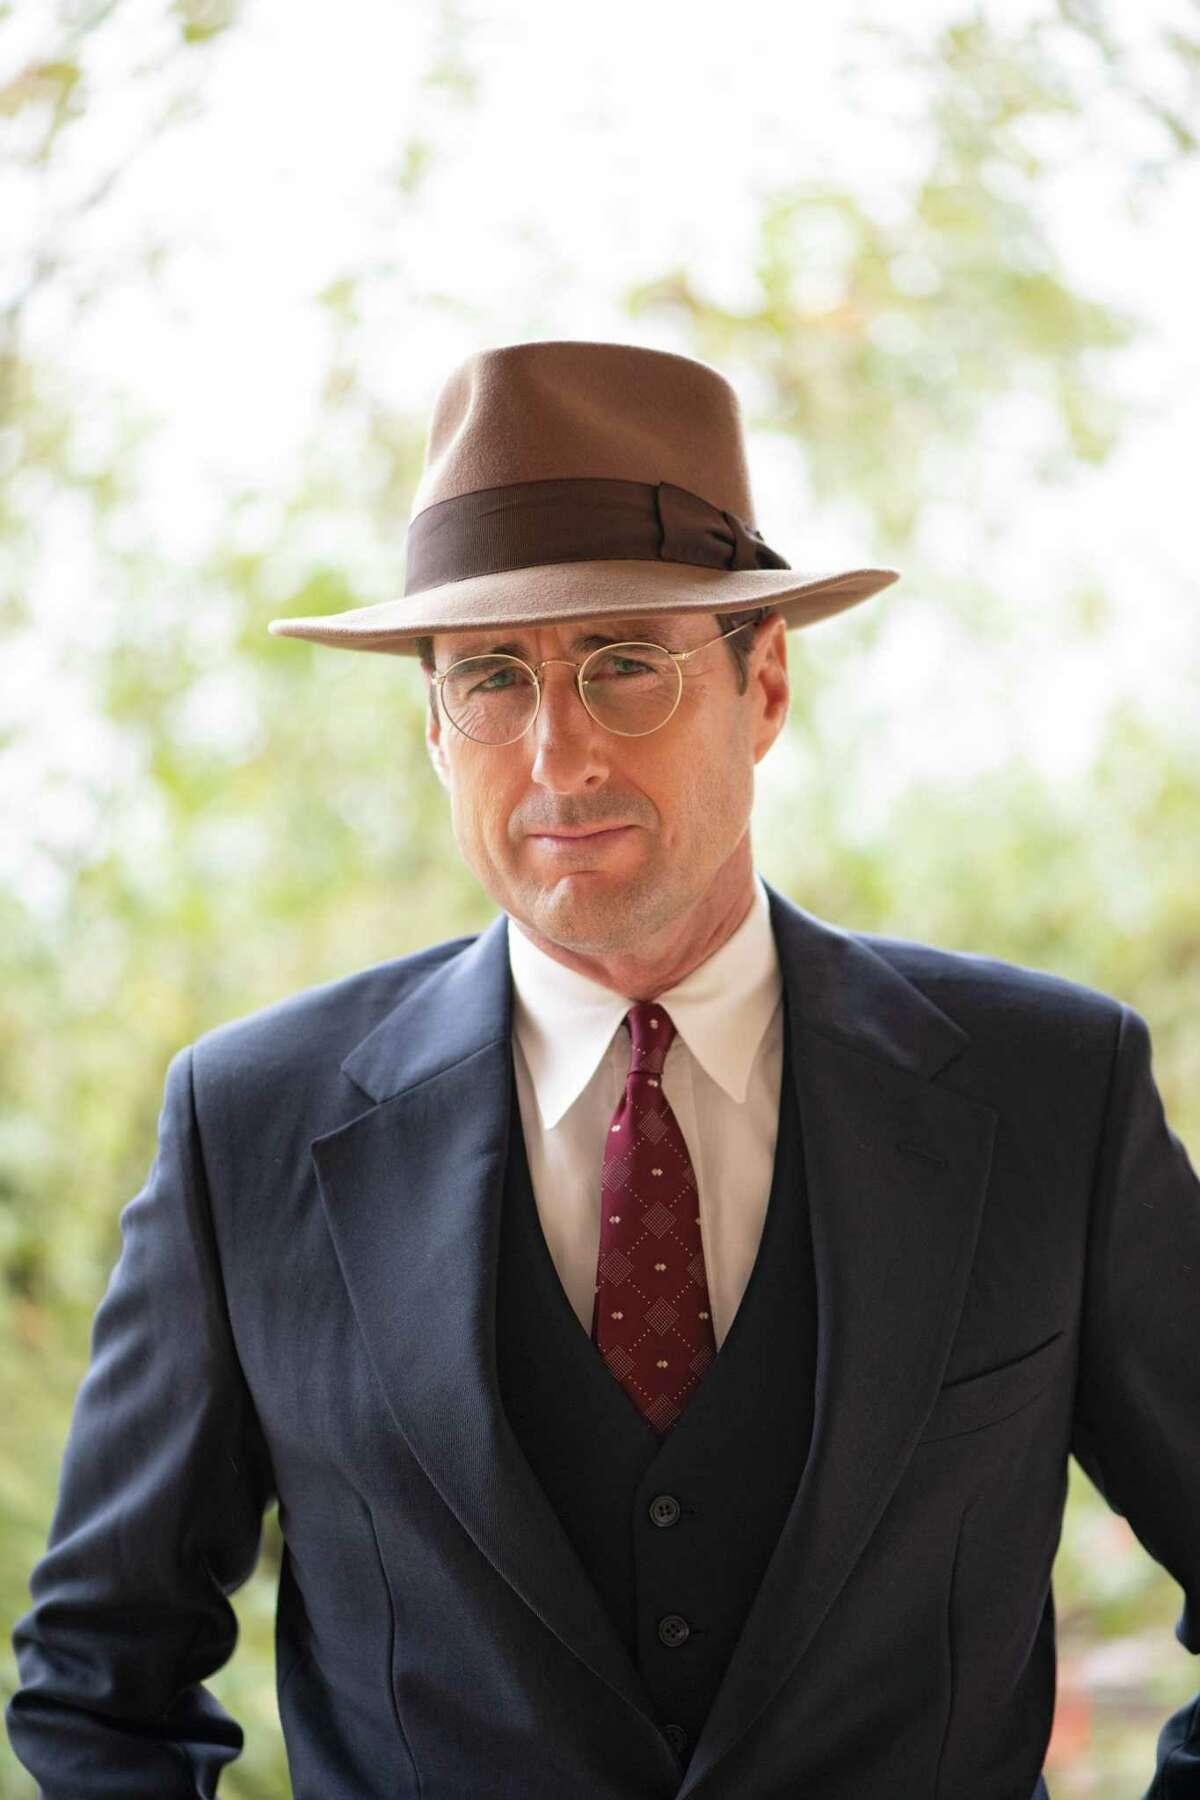 Luke Wilson stars in the movie